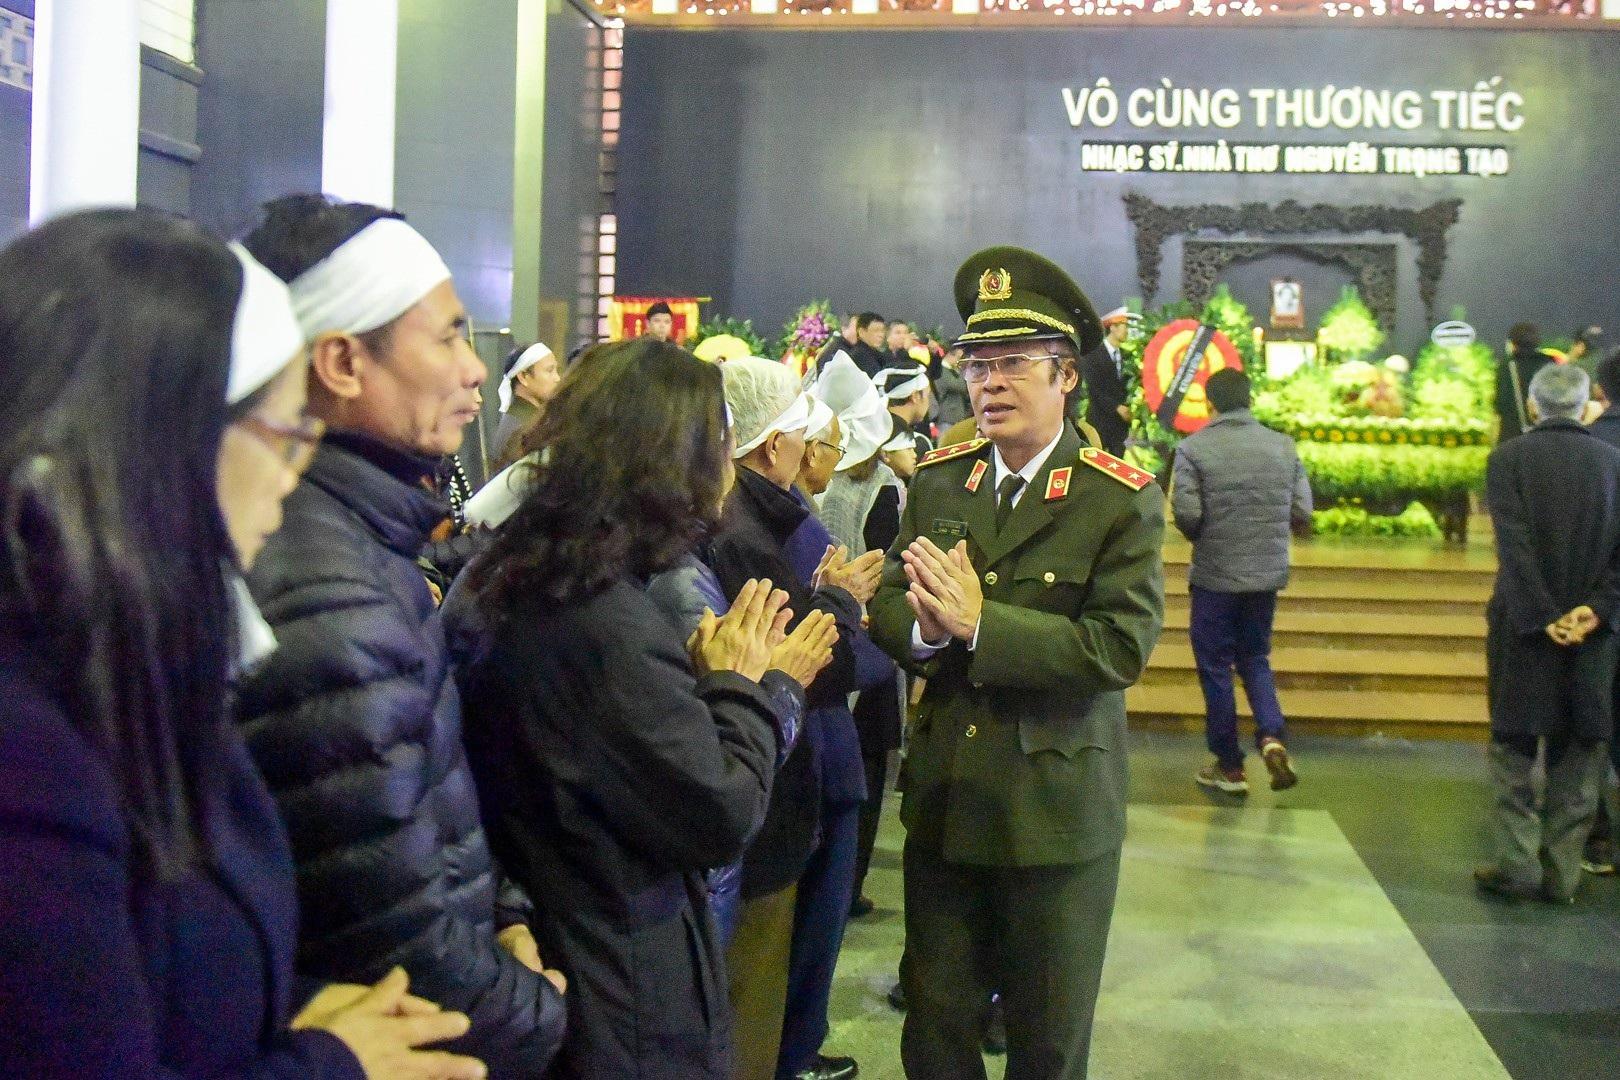 Đông đảo bạn bè, văn nghệ sĩ đến tiễn đưa nhà thơ- nhạc sĩ Nguyễn Trọng Tạo - Ảnh 10.